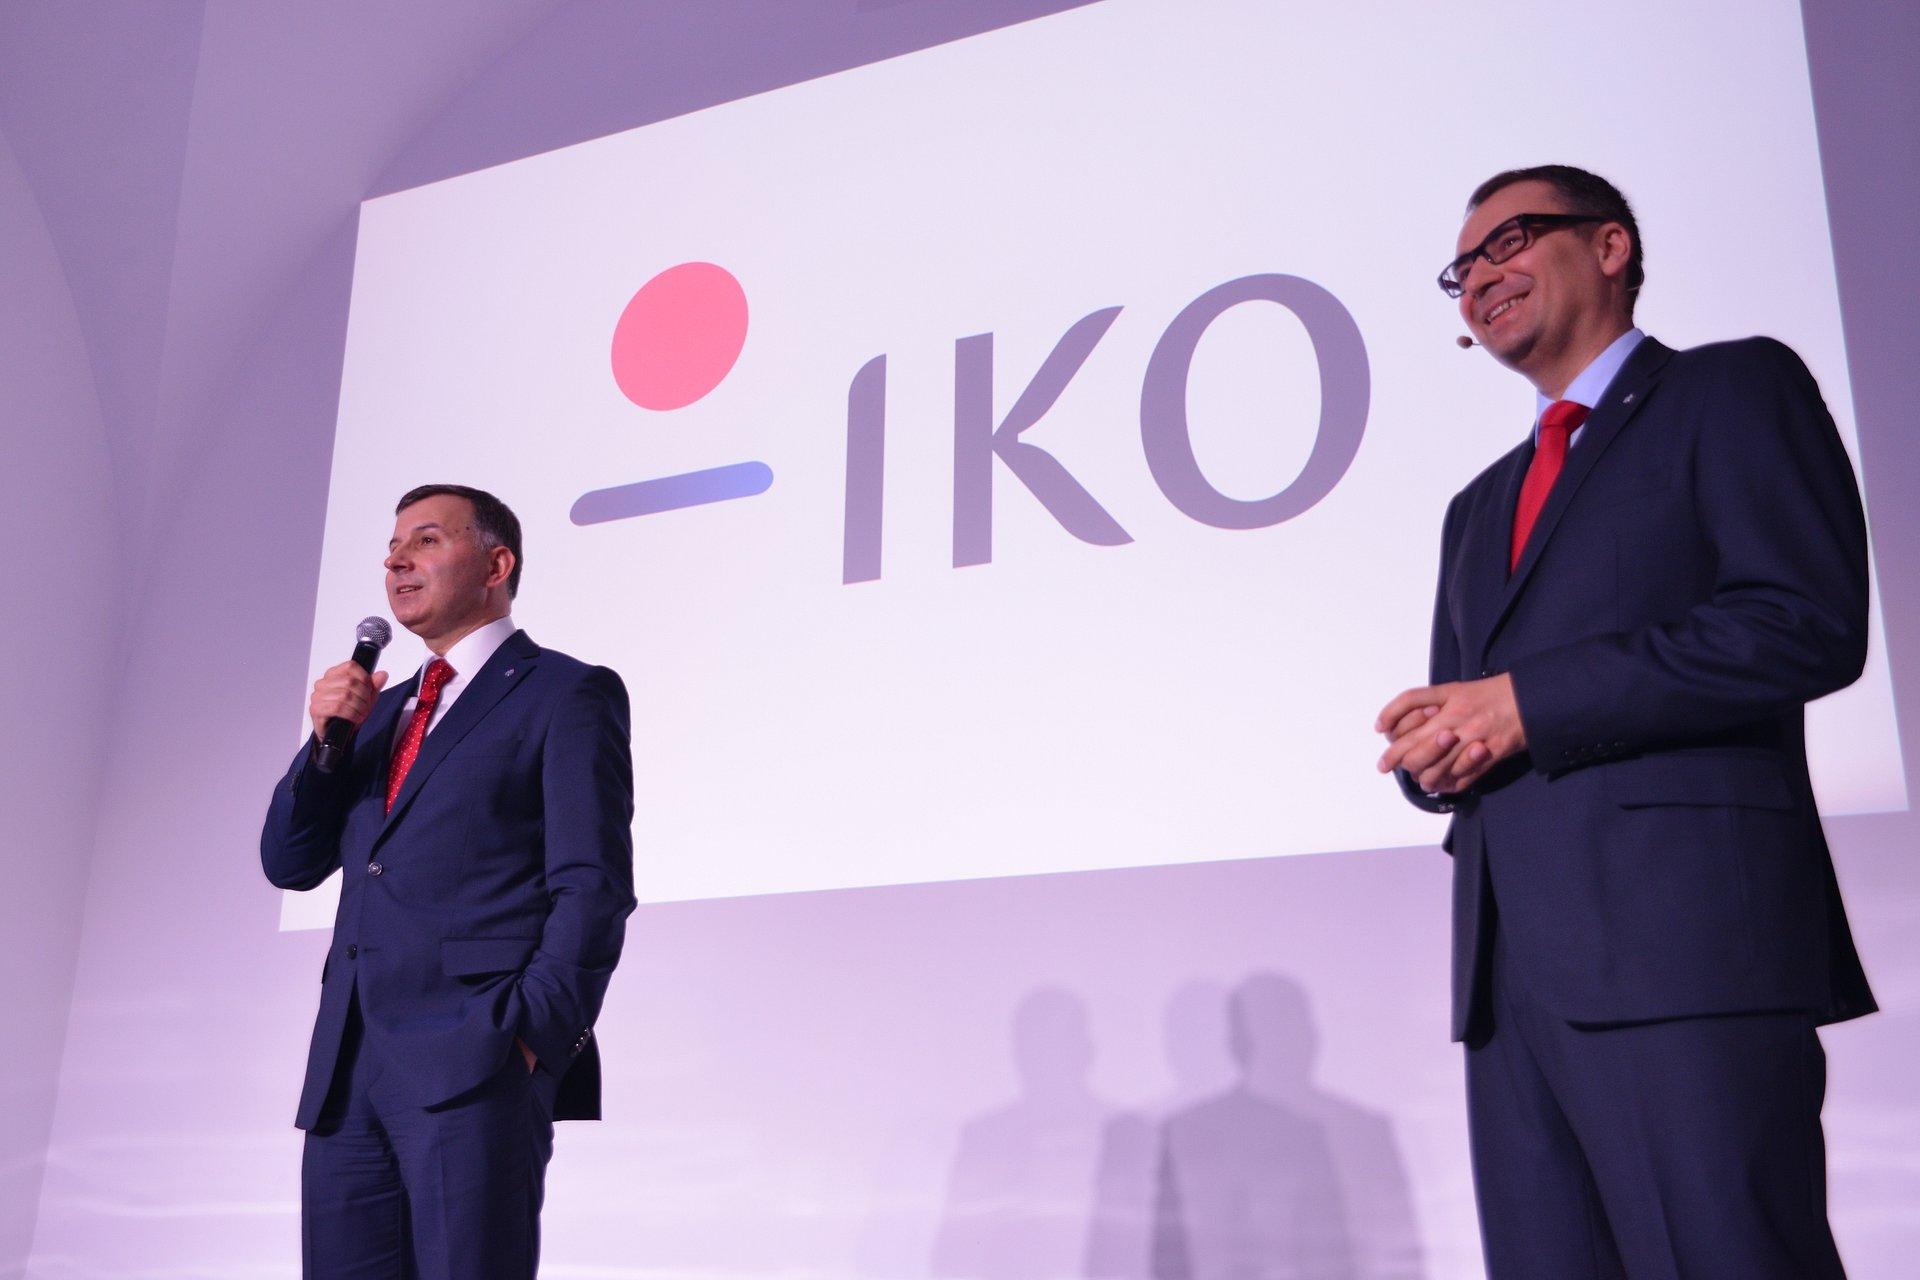 PKO Bank Polski's mobile revolution